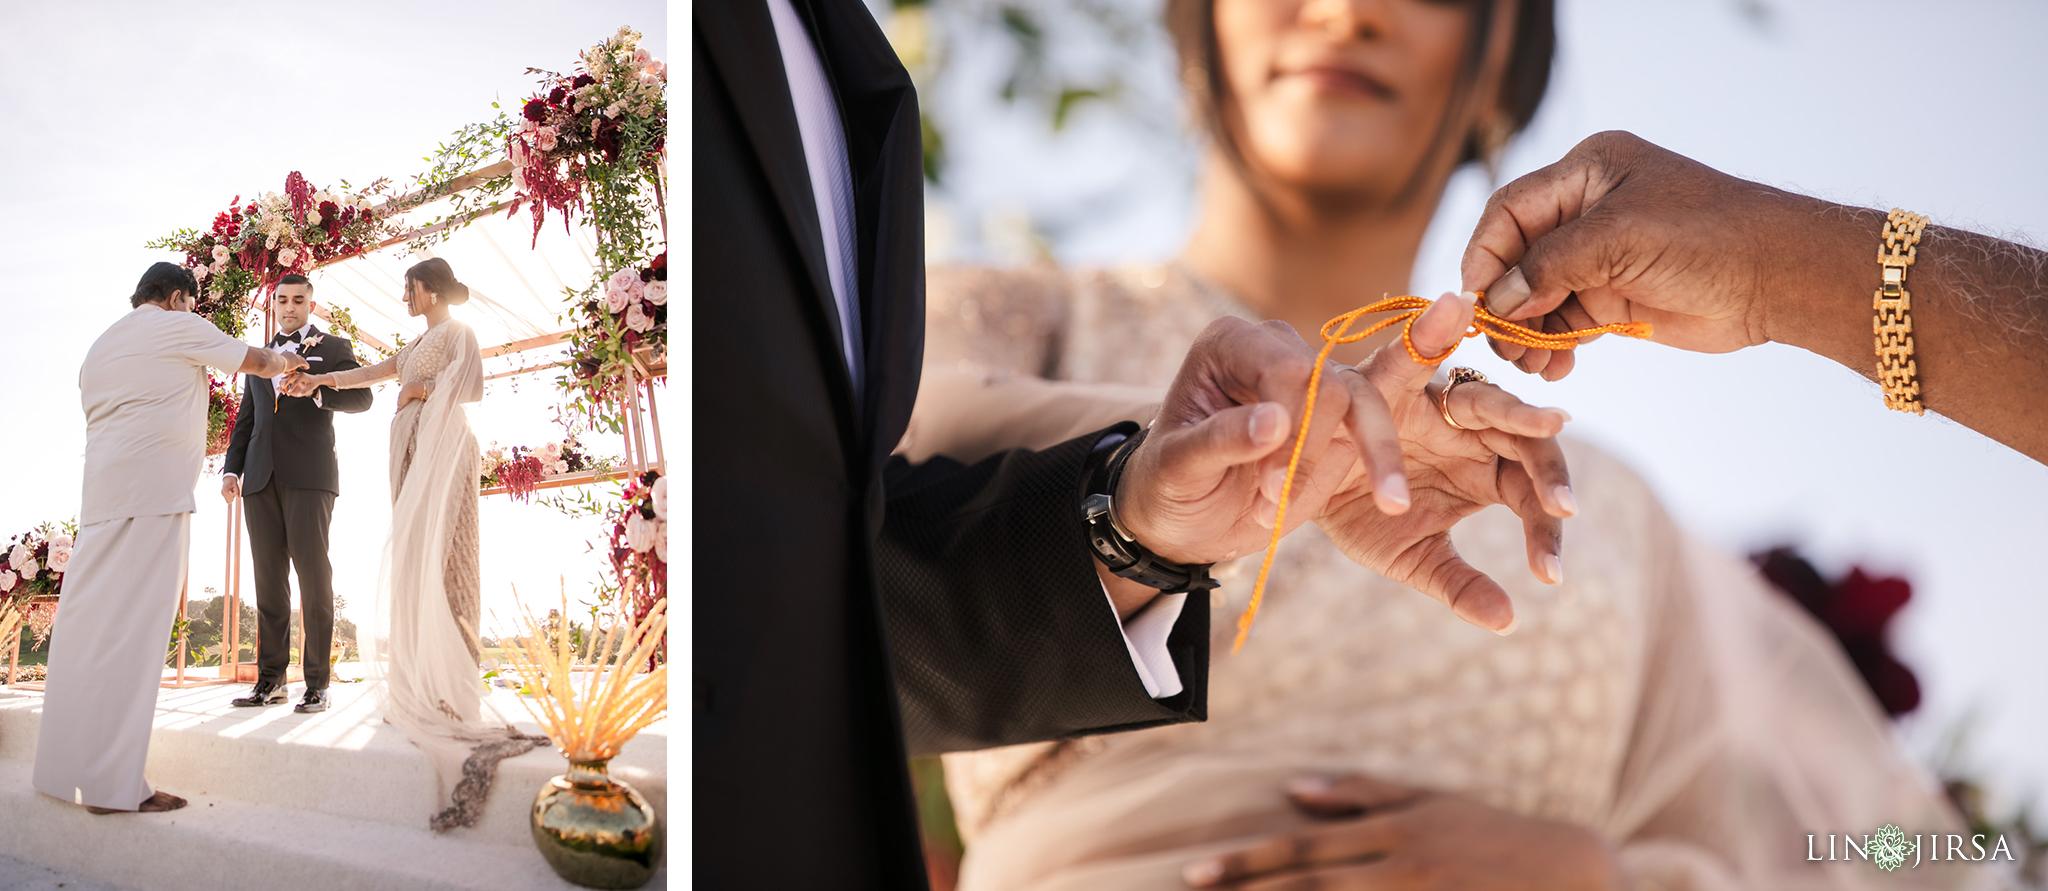 25 Monarch Beach Resort Dana Point Sinhalese Wedding Photography